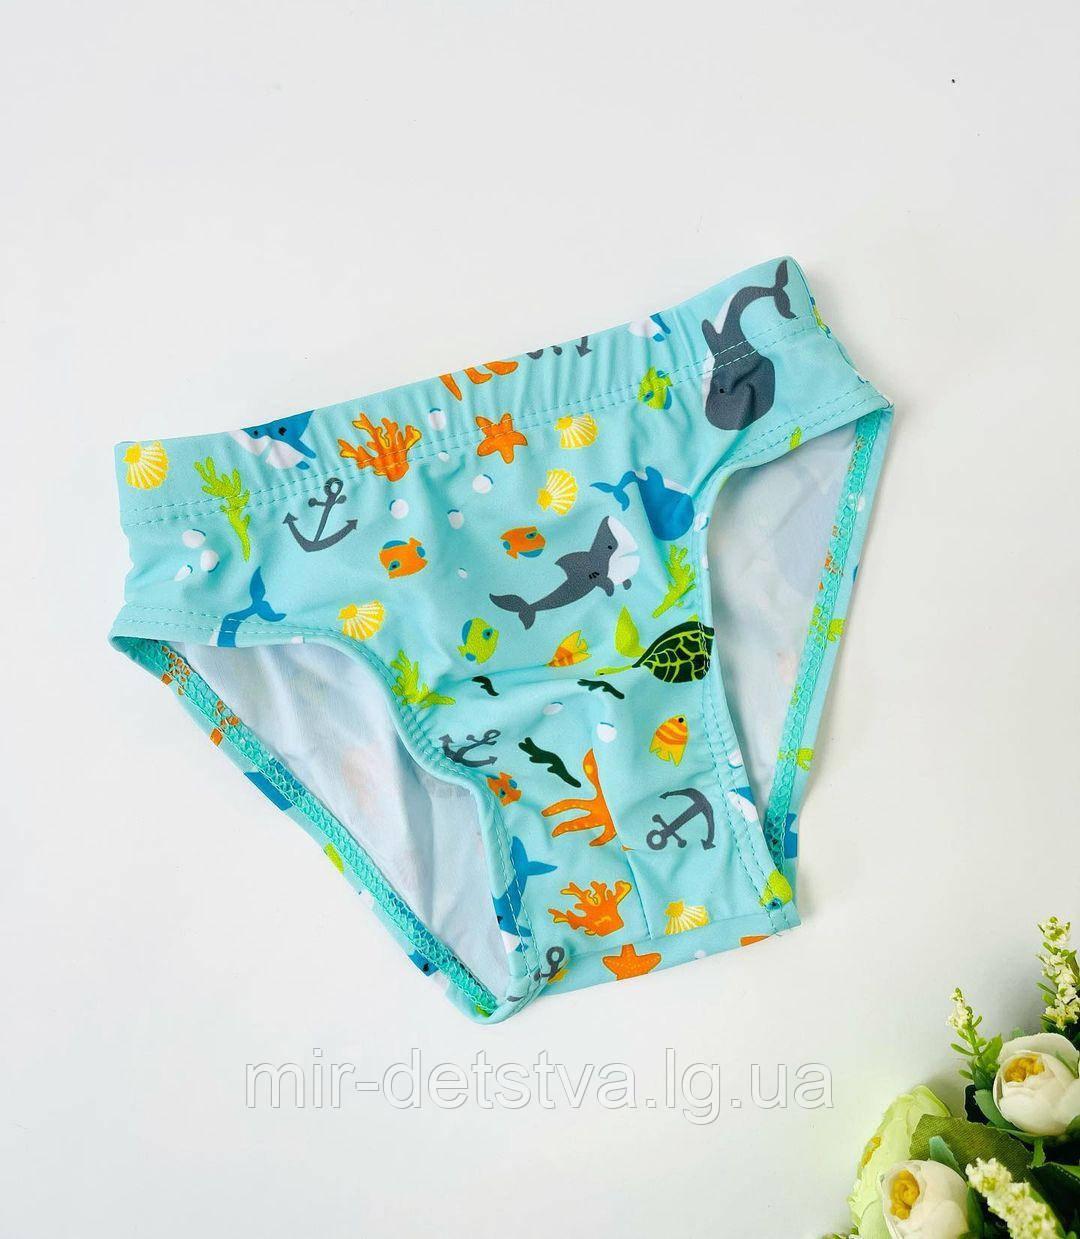 Дитячі плавки купальні для хлопчика оптом р. 1-2-3 року (3 шт в ростовці)